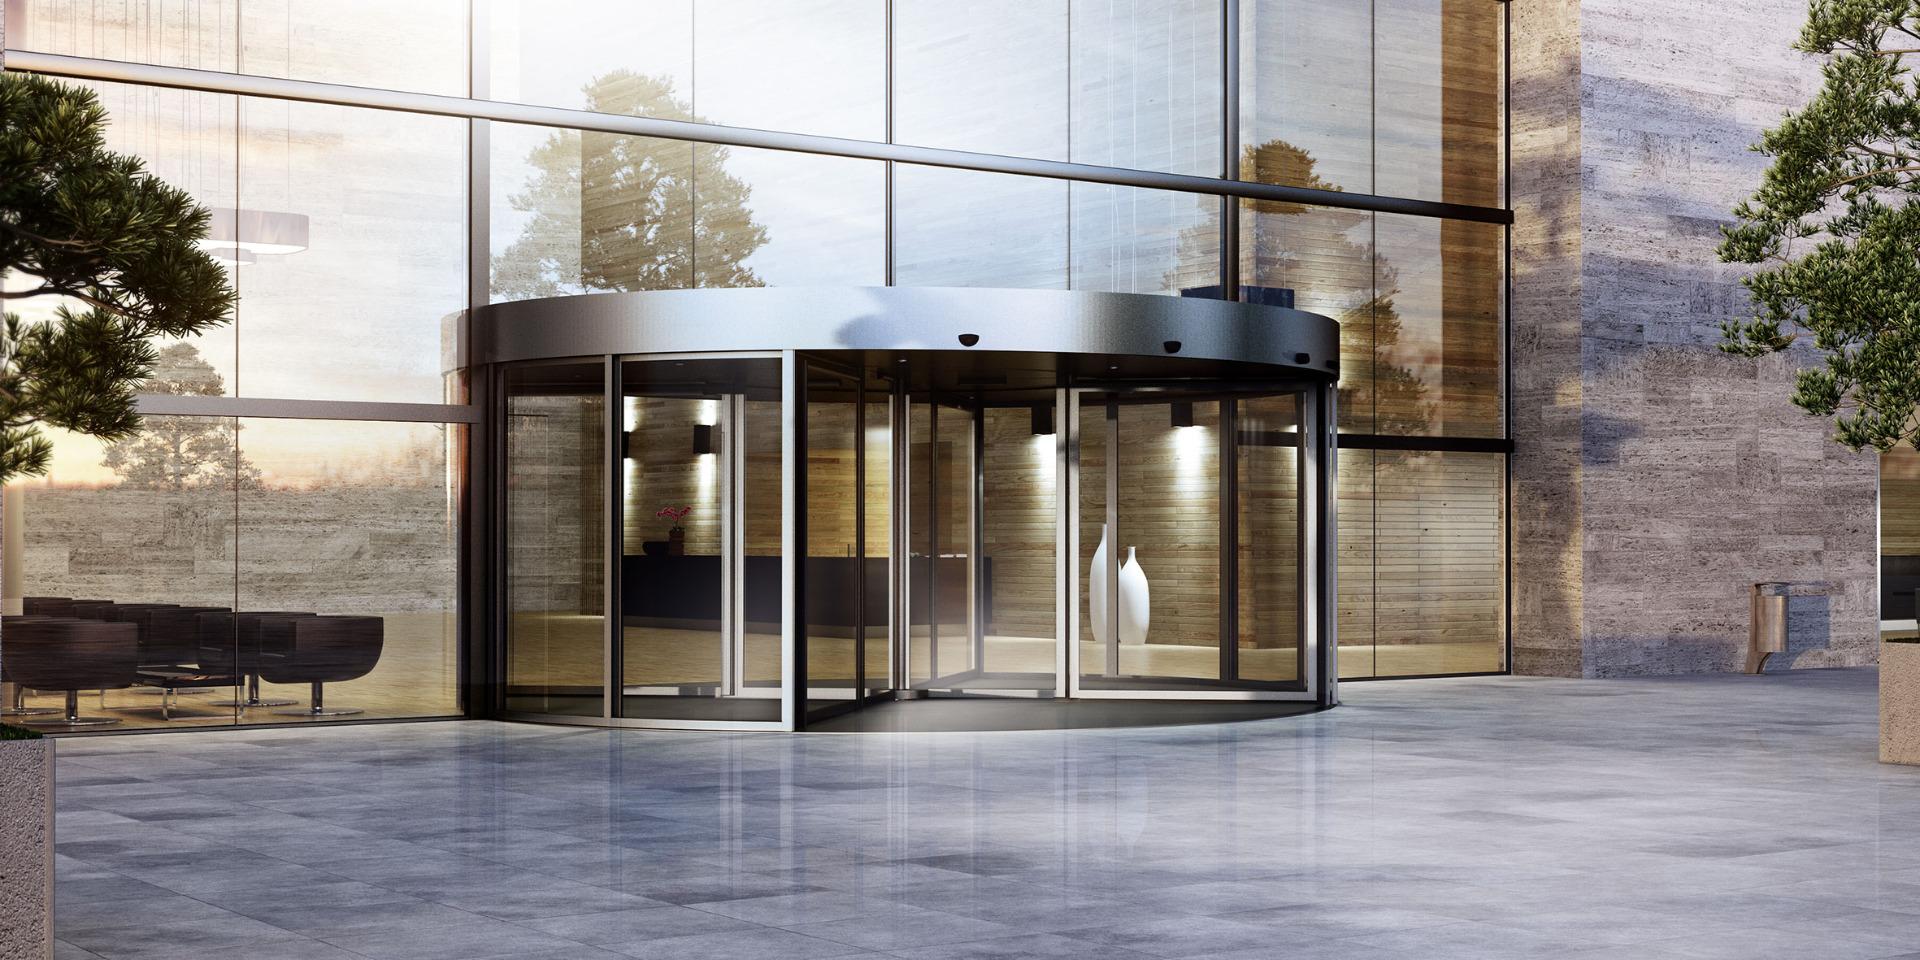 Izrada i ugradnja automatskih ulaznih vrata